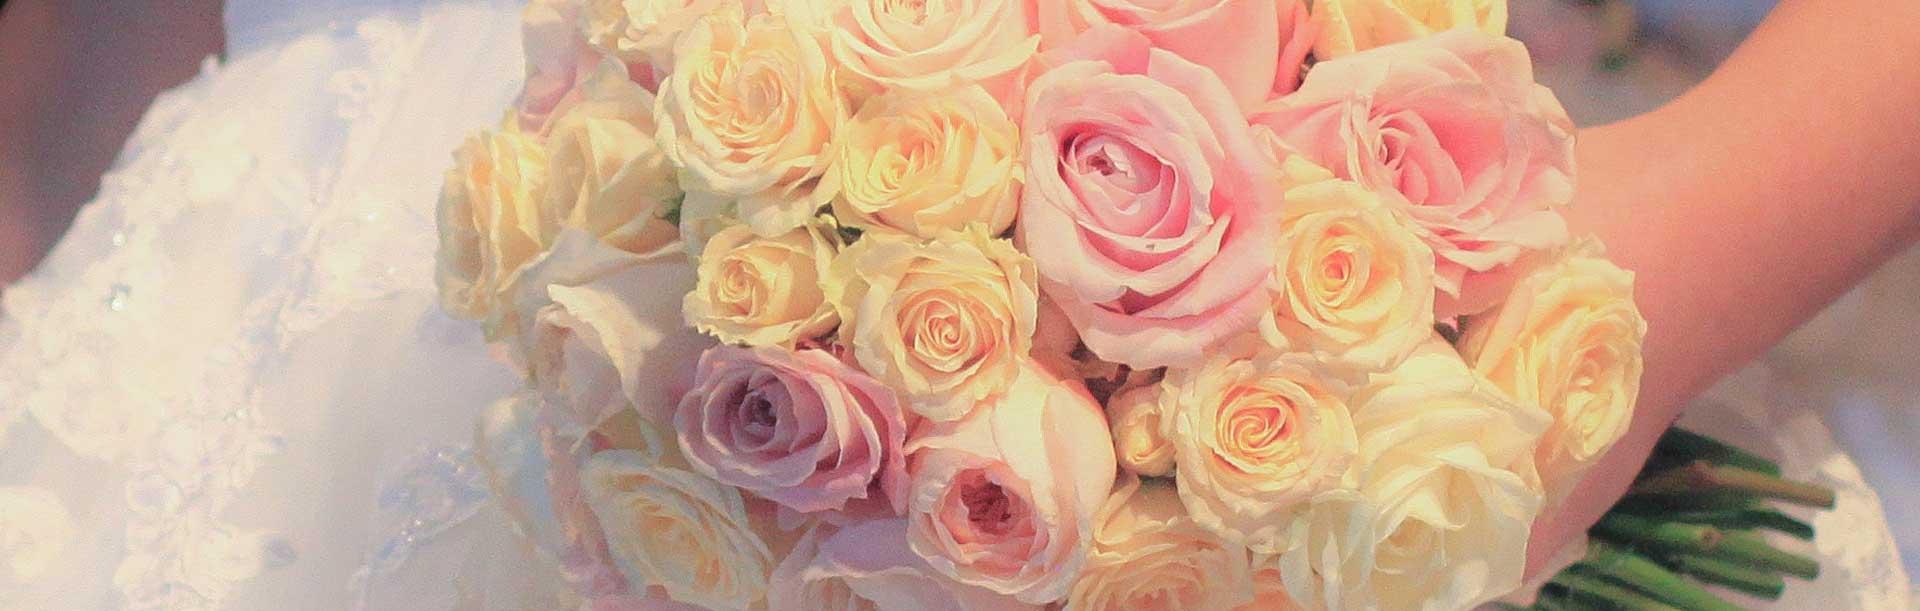 slide-bouquet-romantique-mariée